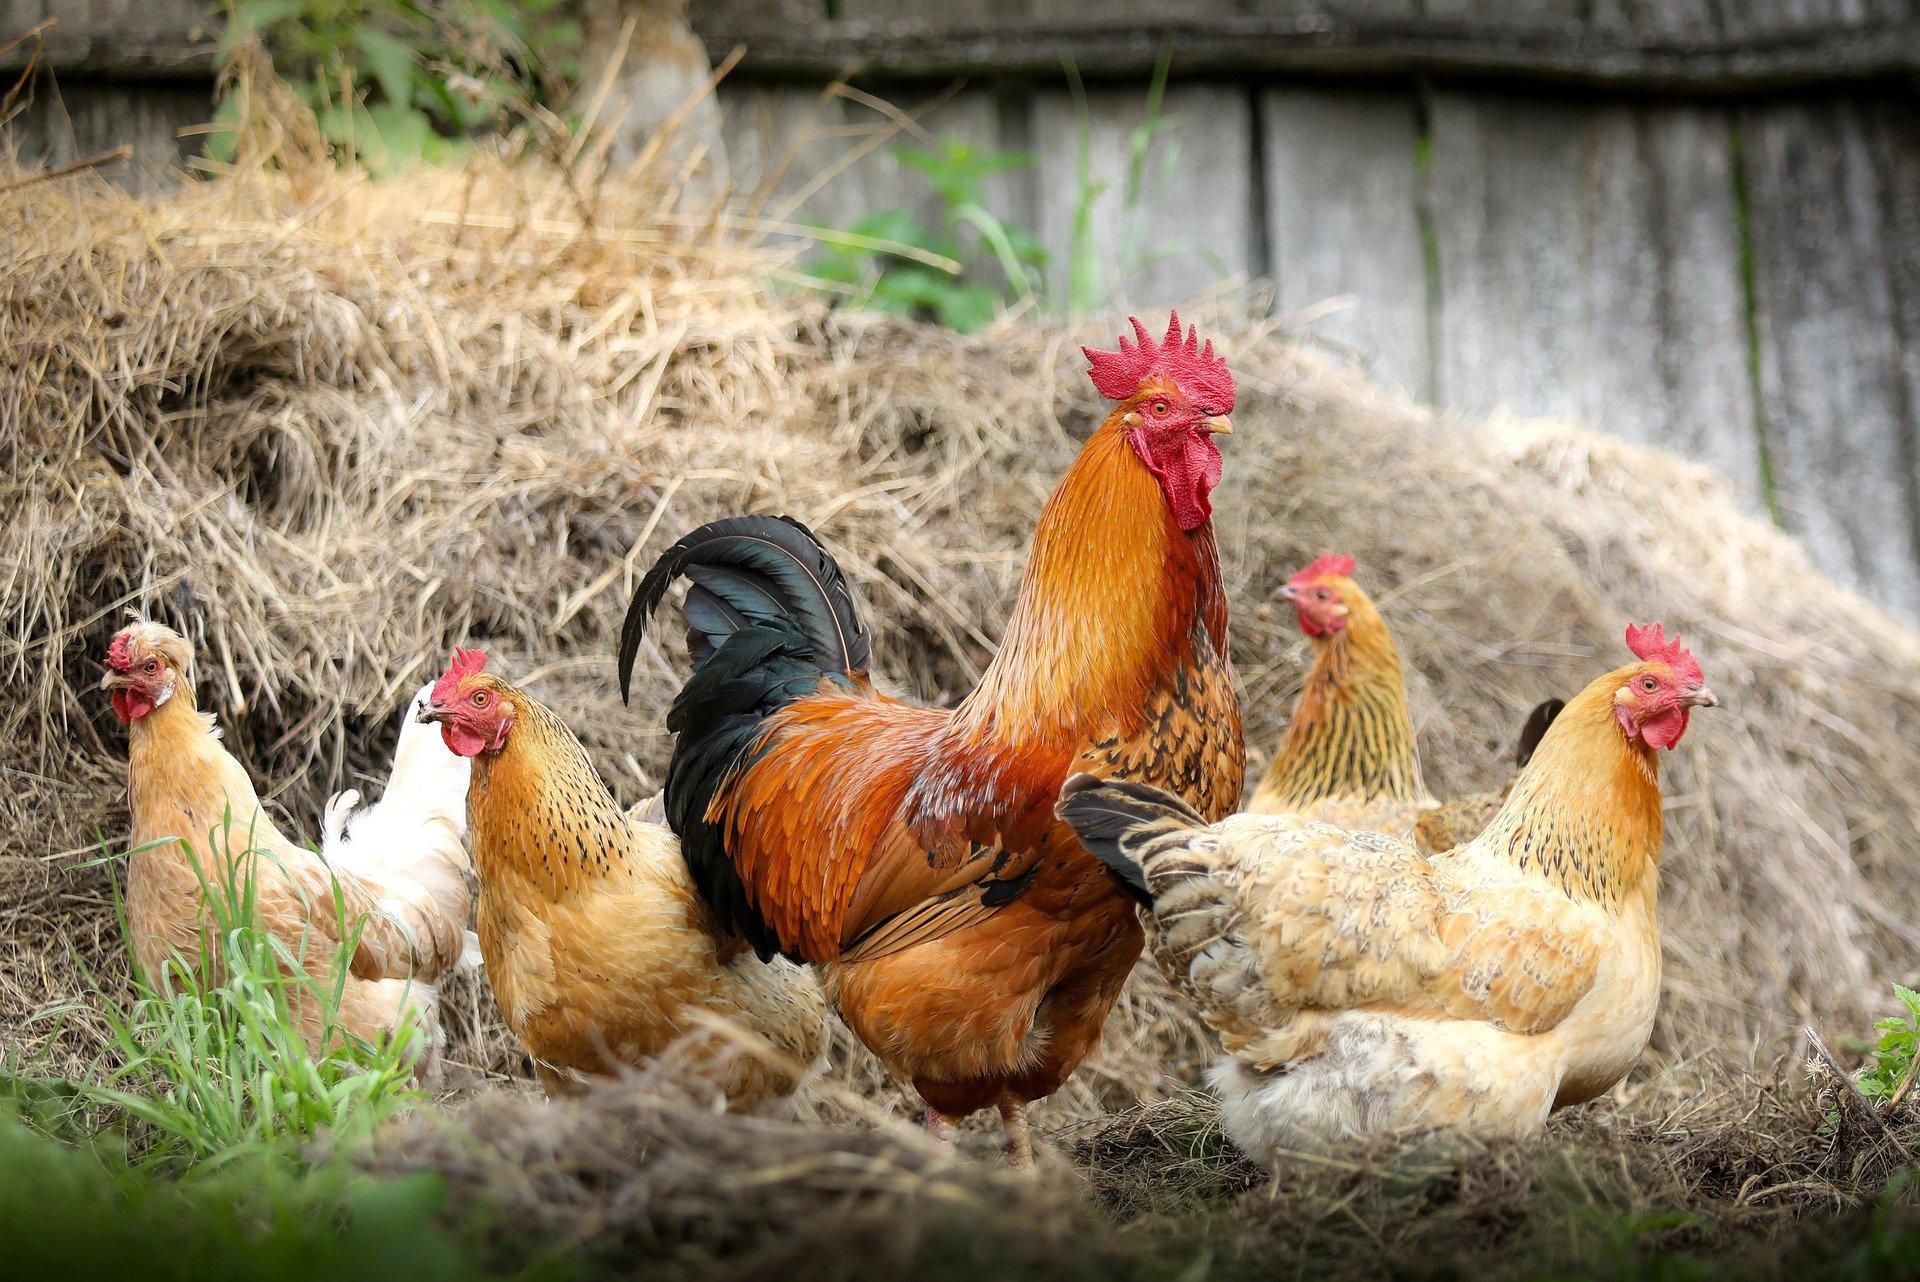 SC Poultry Festival